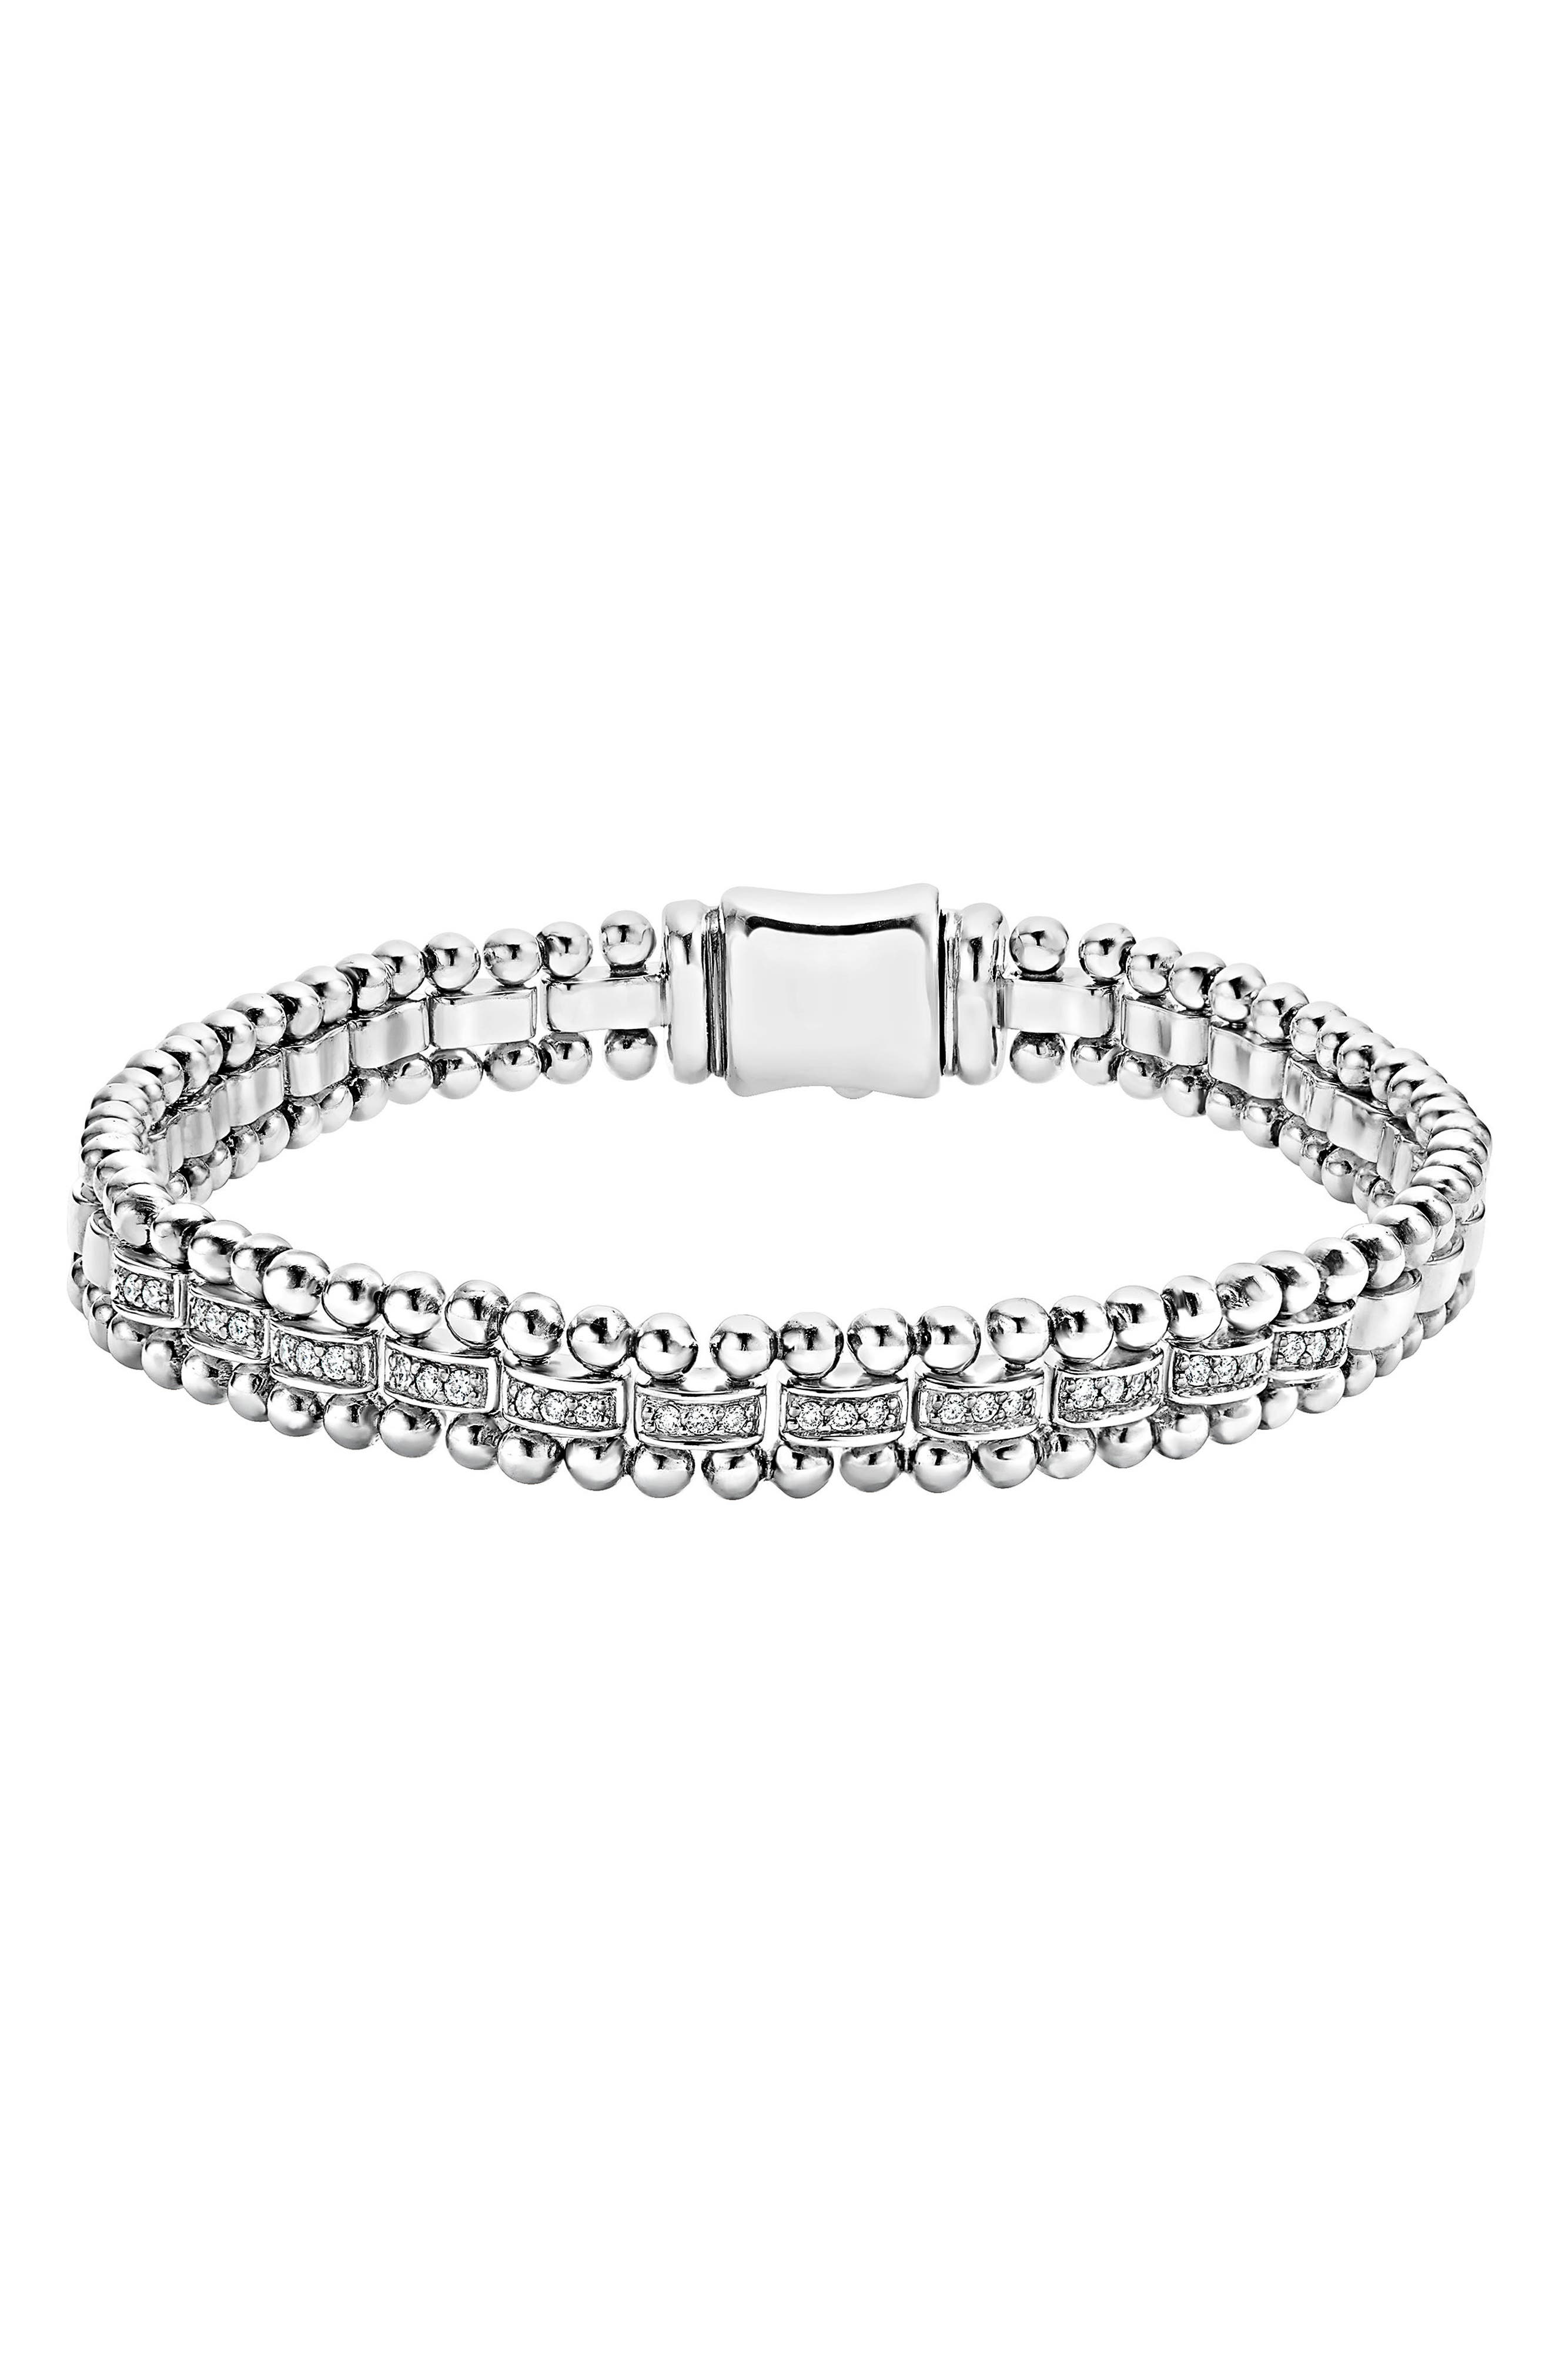 Main Image - LAGOS Caviar Spark Diamond Link Bracelet